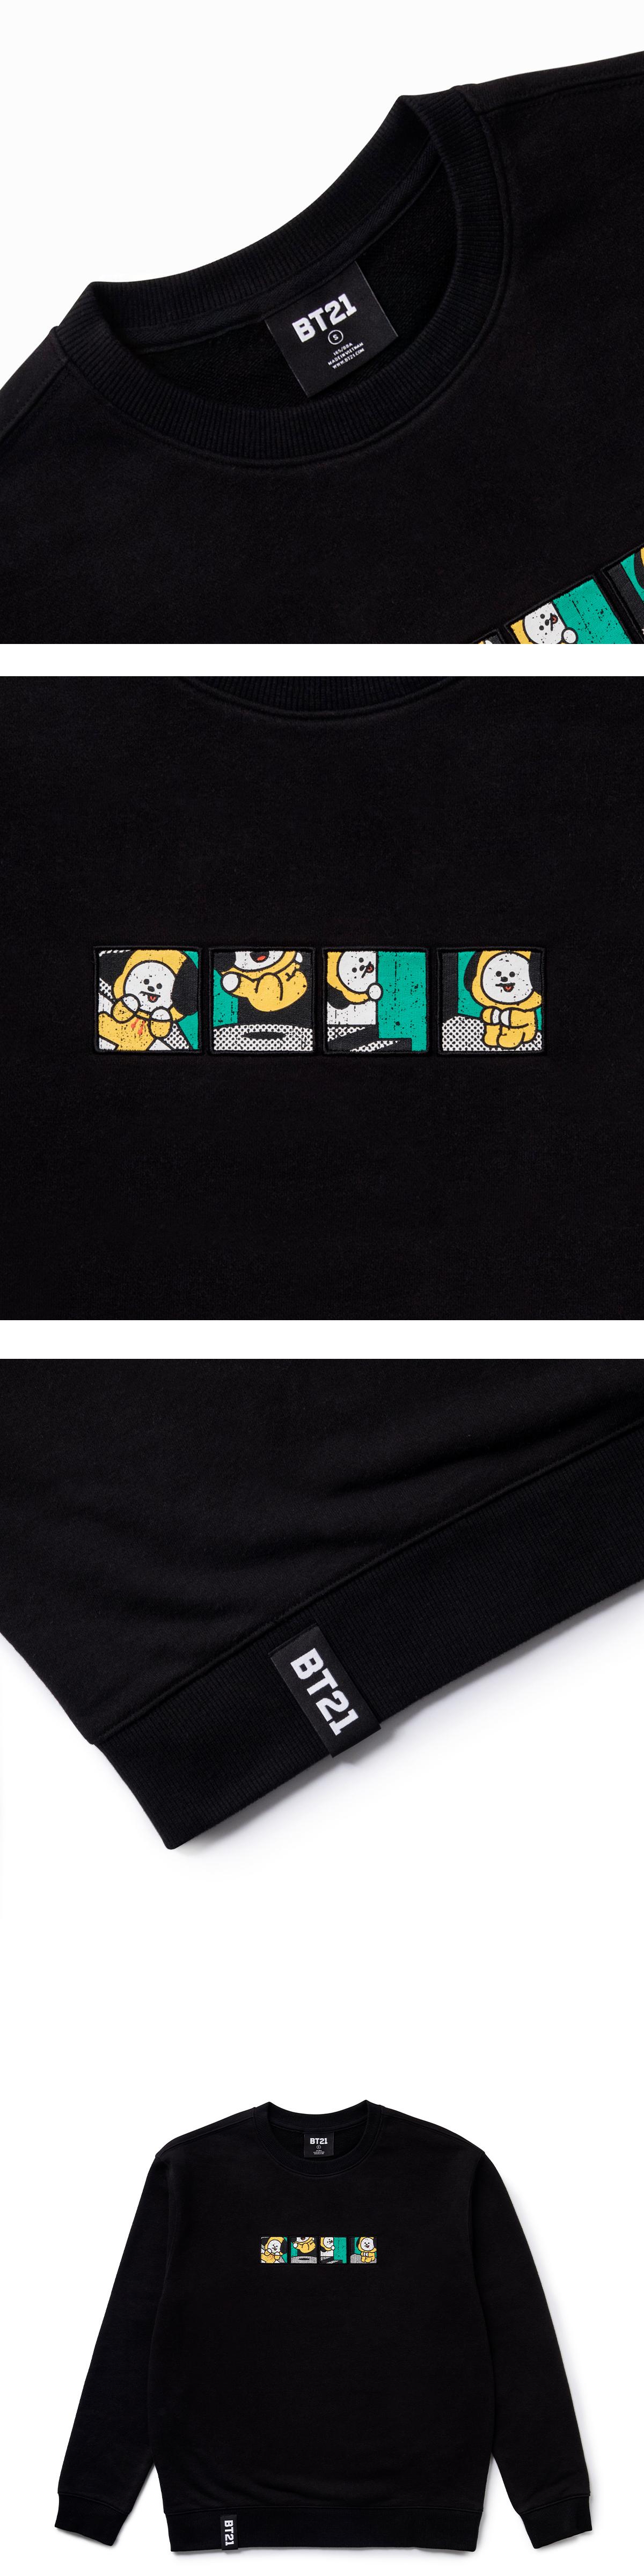 bt21_comicpopsweatshirt.jpg